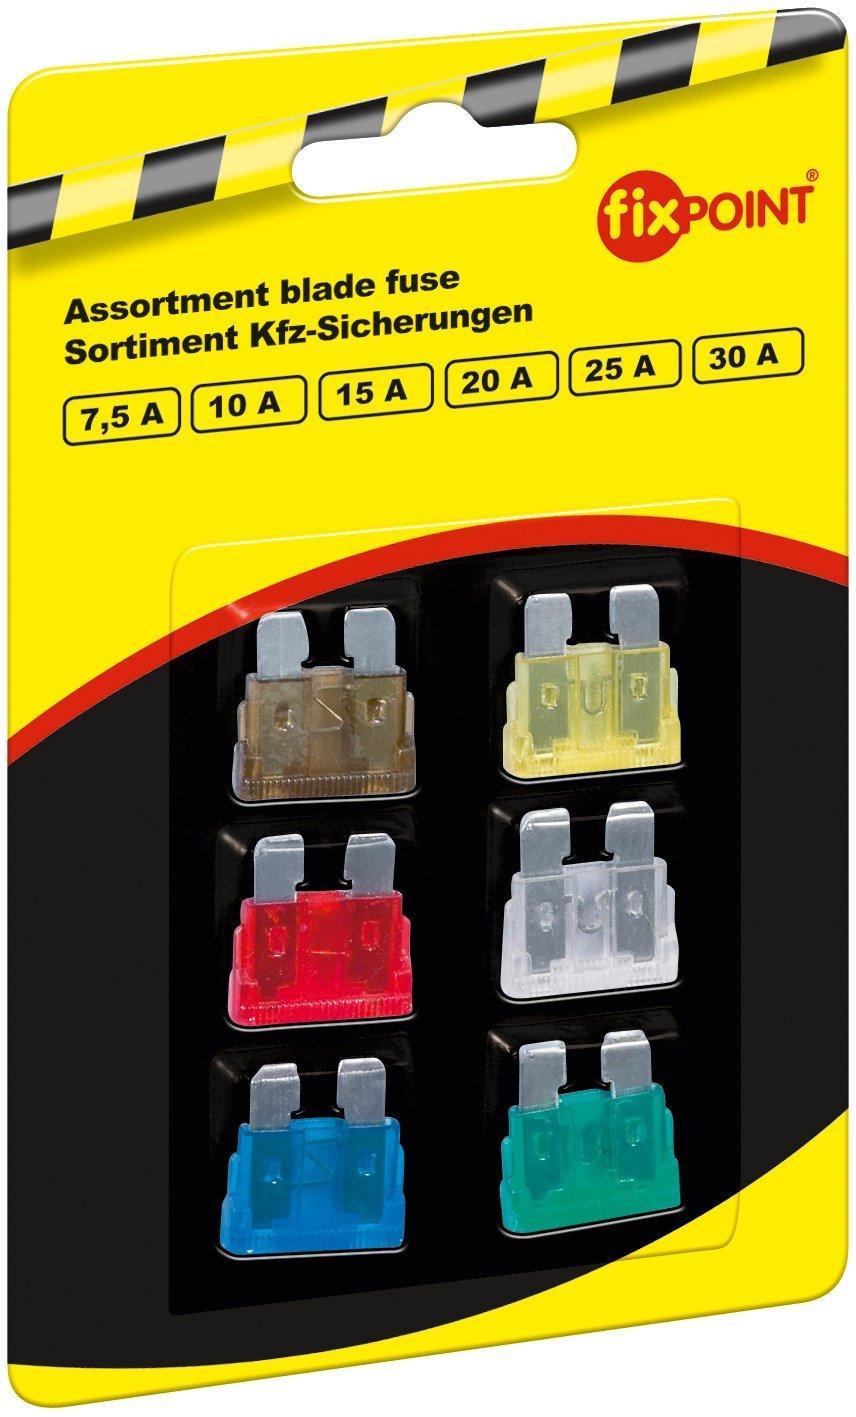 Fixpoint 20343 Sauvegarde Assortiment de fusibles, voiture, 6 piè ces, mini, 1 6pièces Wentronic 20356 1064078